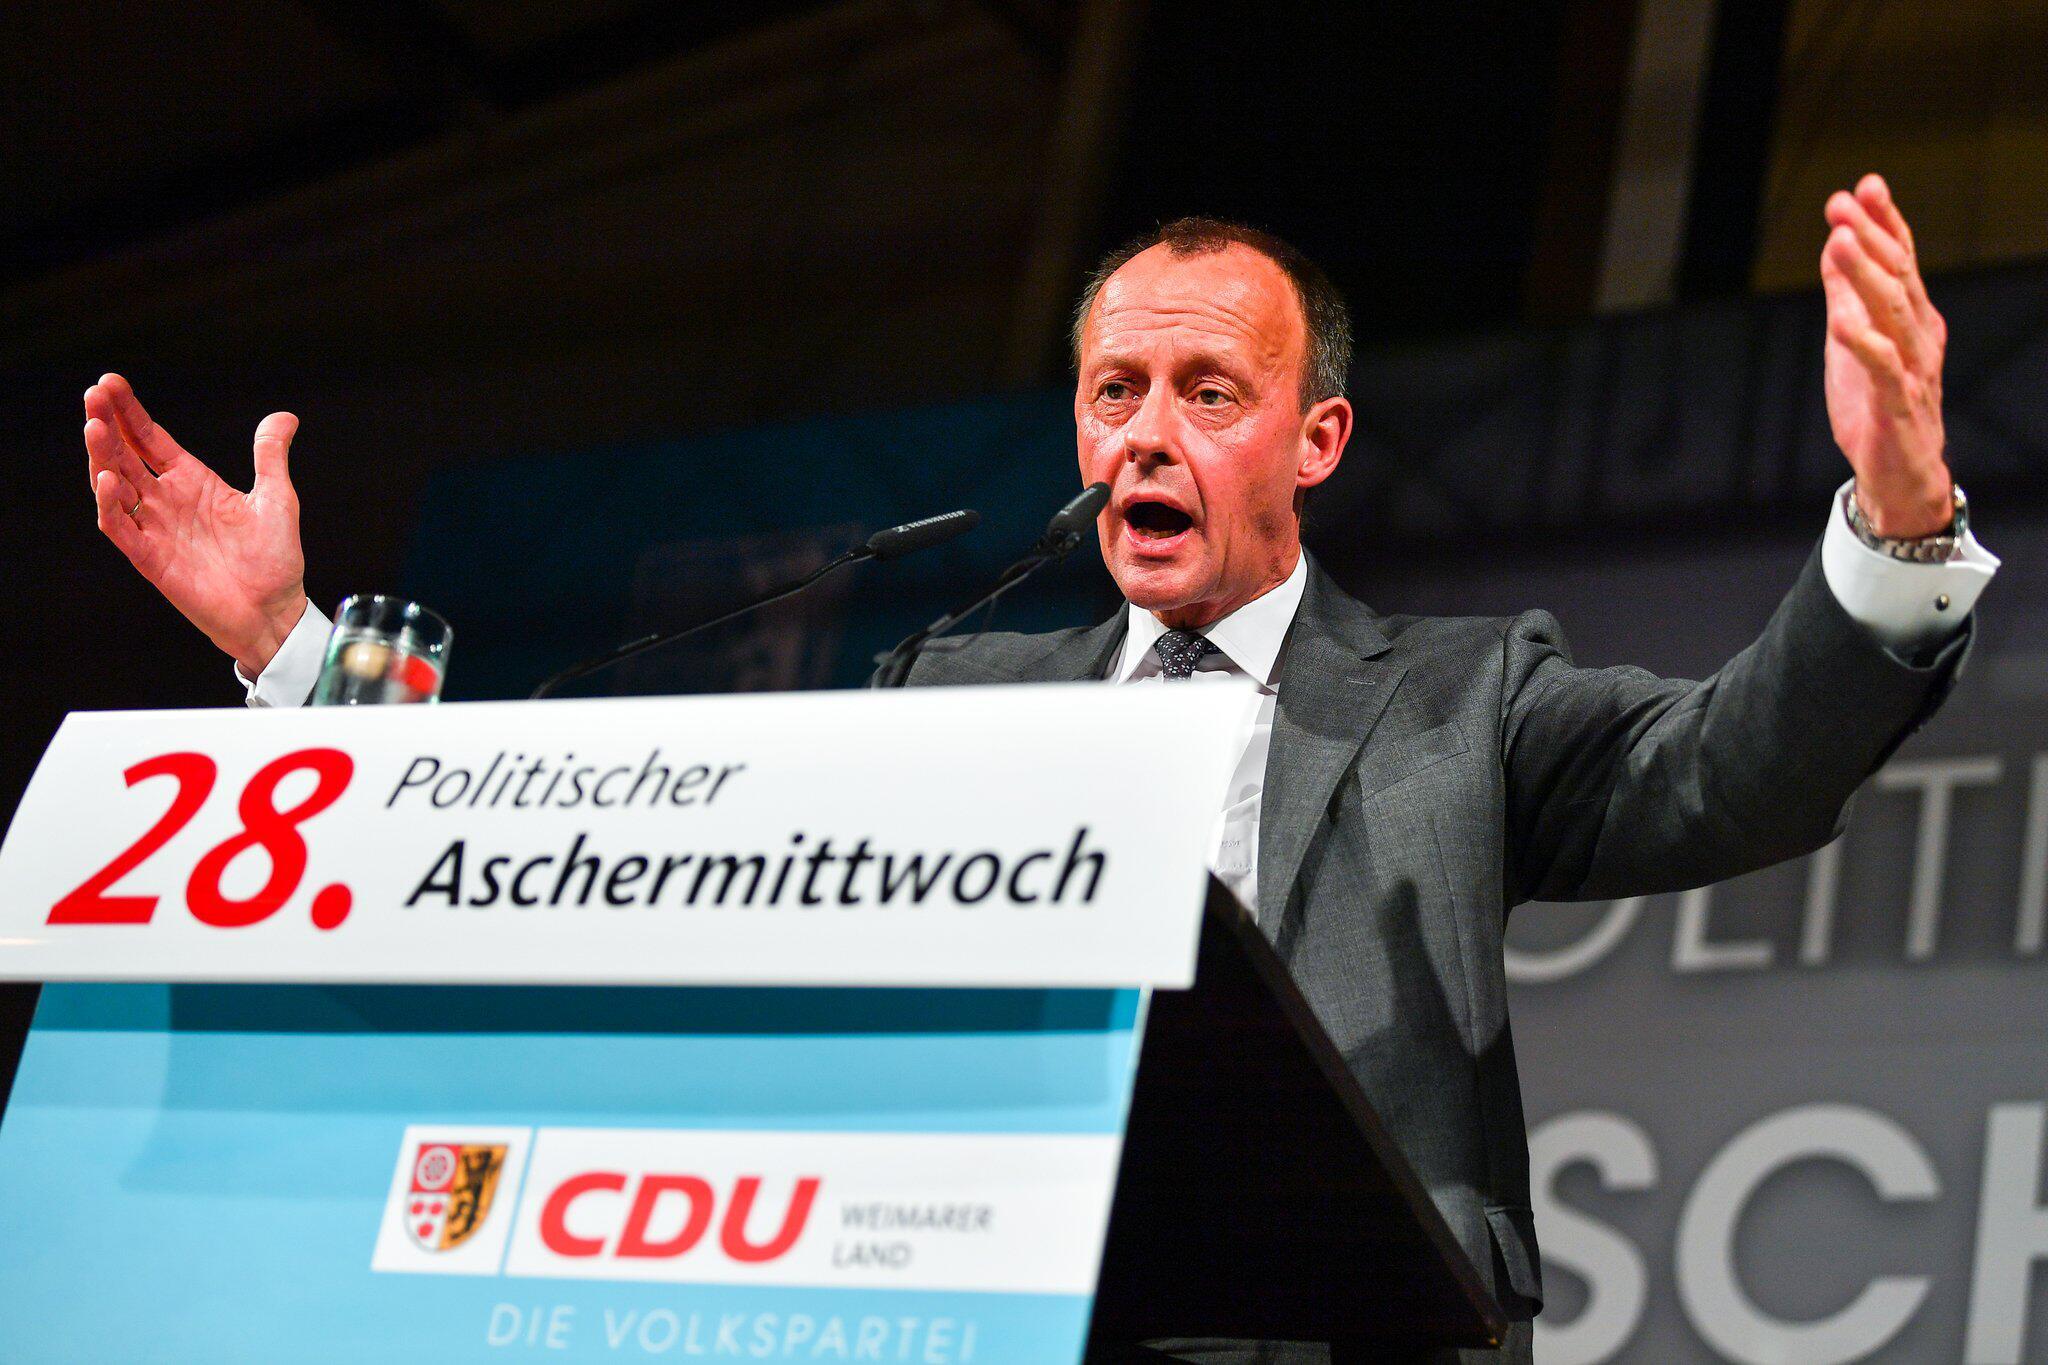 Bild zu Politischer Aschermittwoch - CDU Thüringen